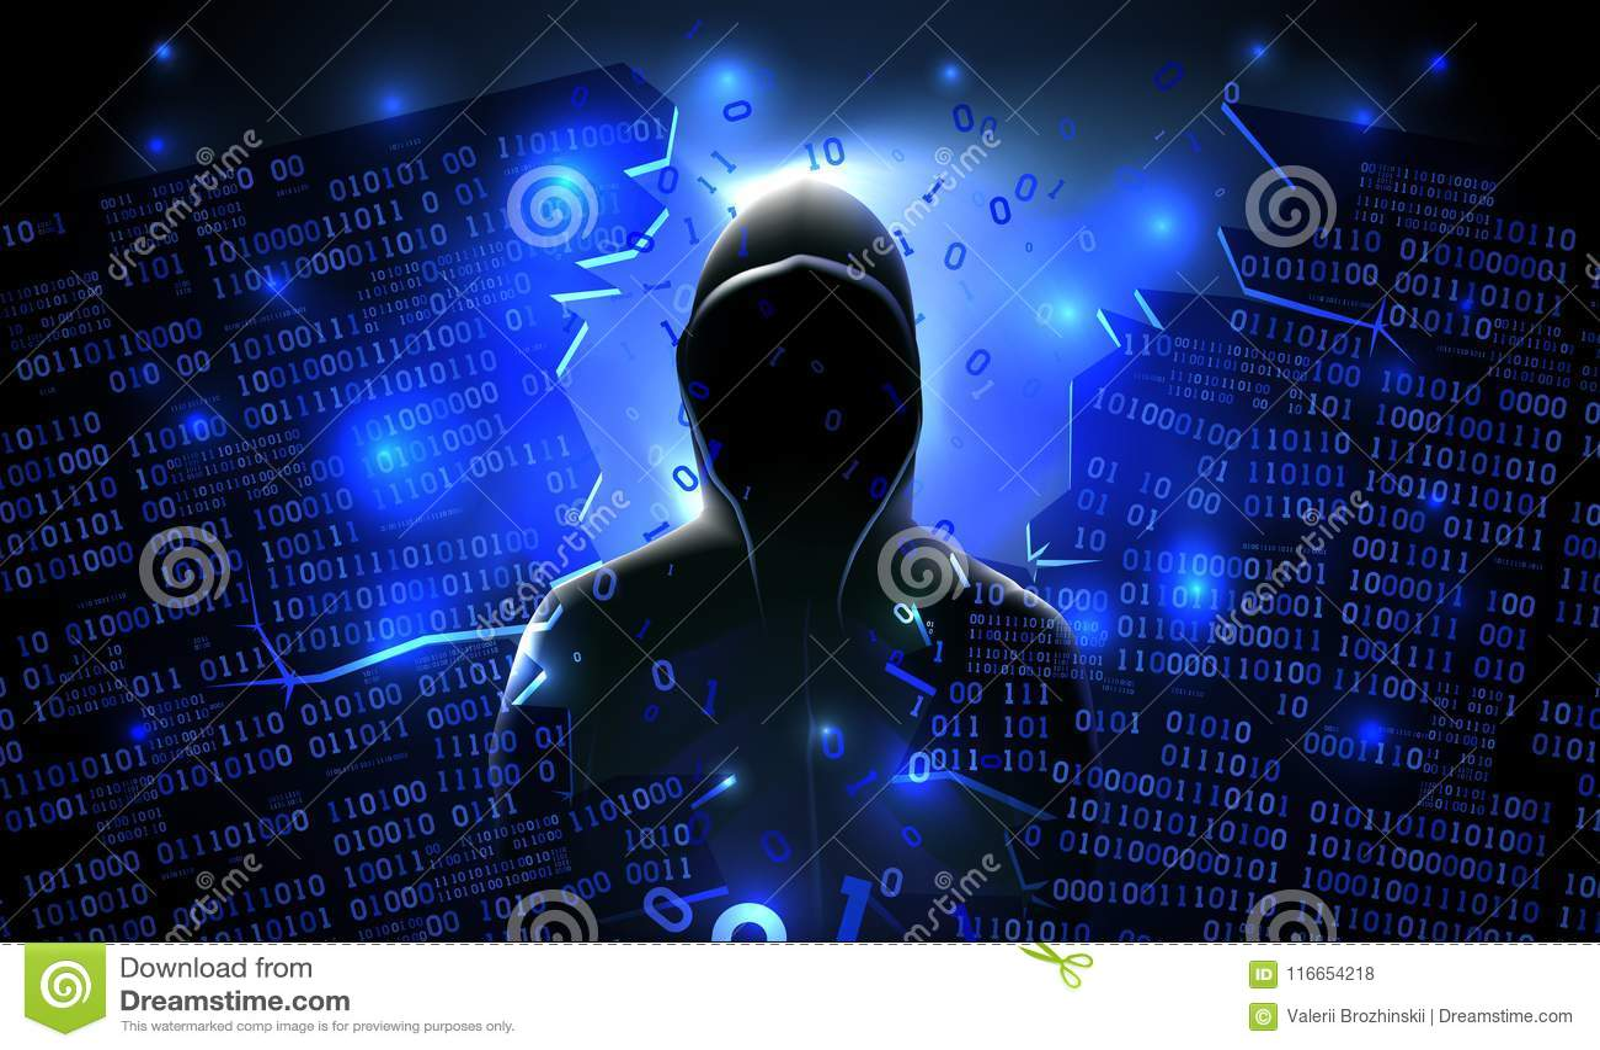 Ο χάκερ που χρησιμοποιεί Διαδίκτυο χάραξε τον αφηρημένο υπολογιστή, βάση δεδομένων, αποθήκευση δικτύων, αντιπυρική ζώνη, κοινωνικ